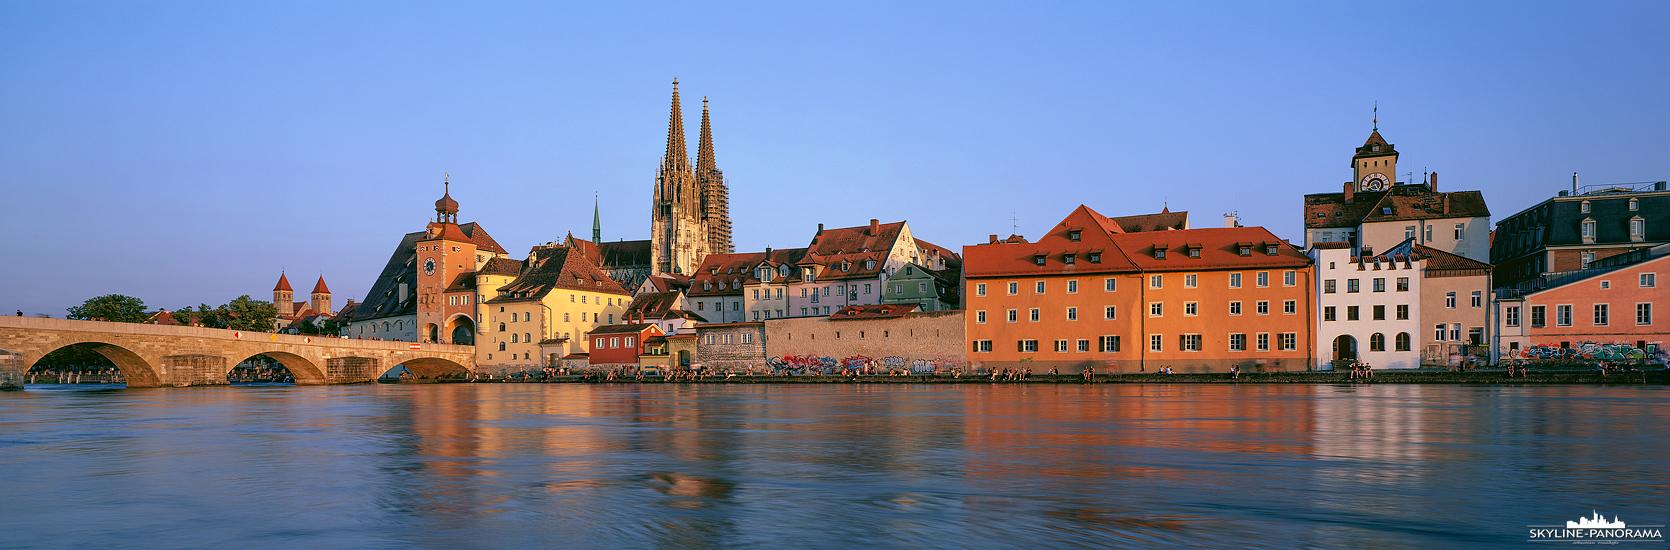 Stadtansicht Regensburg zum Sonnenuntergang (p_01190)